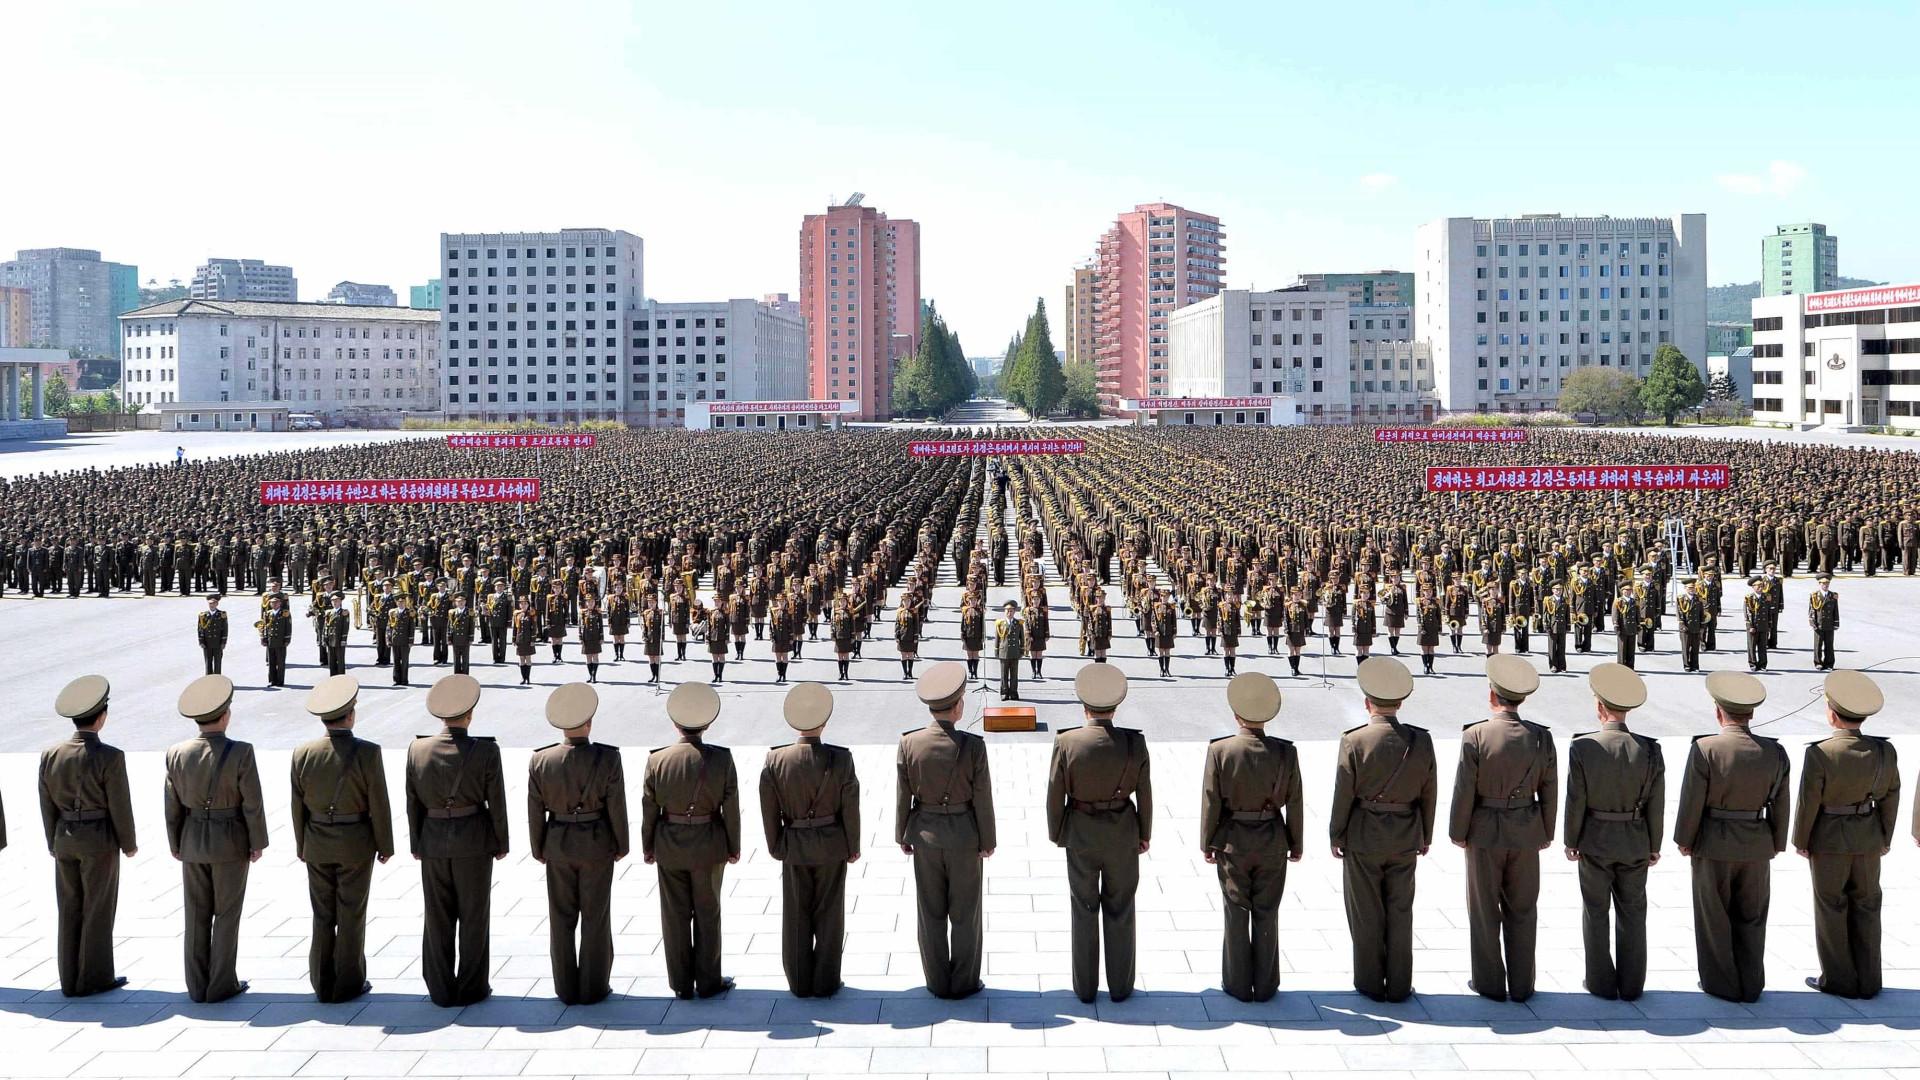 Conheça algumas (das poucas) estatísticas sobre a Coreia do Norte